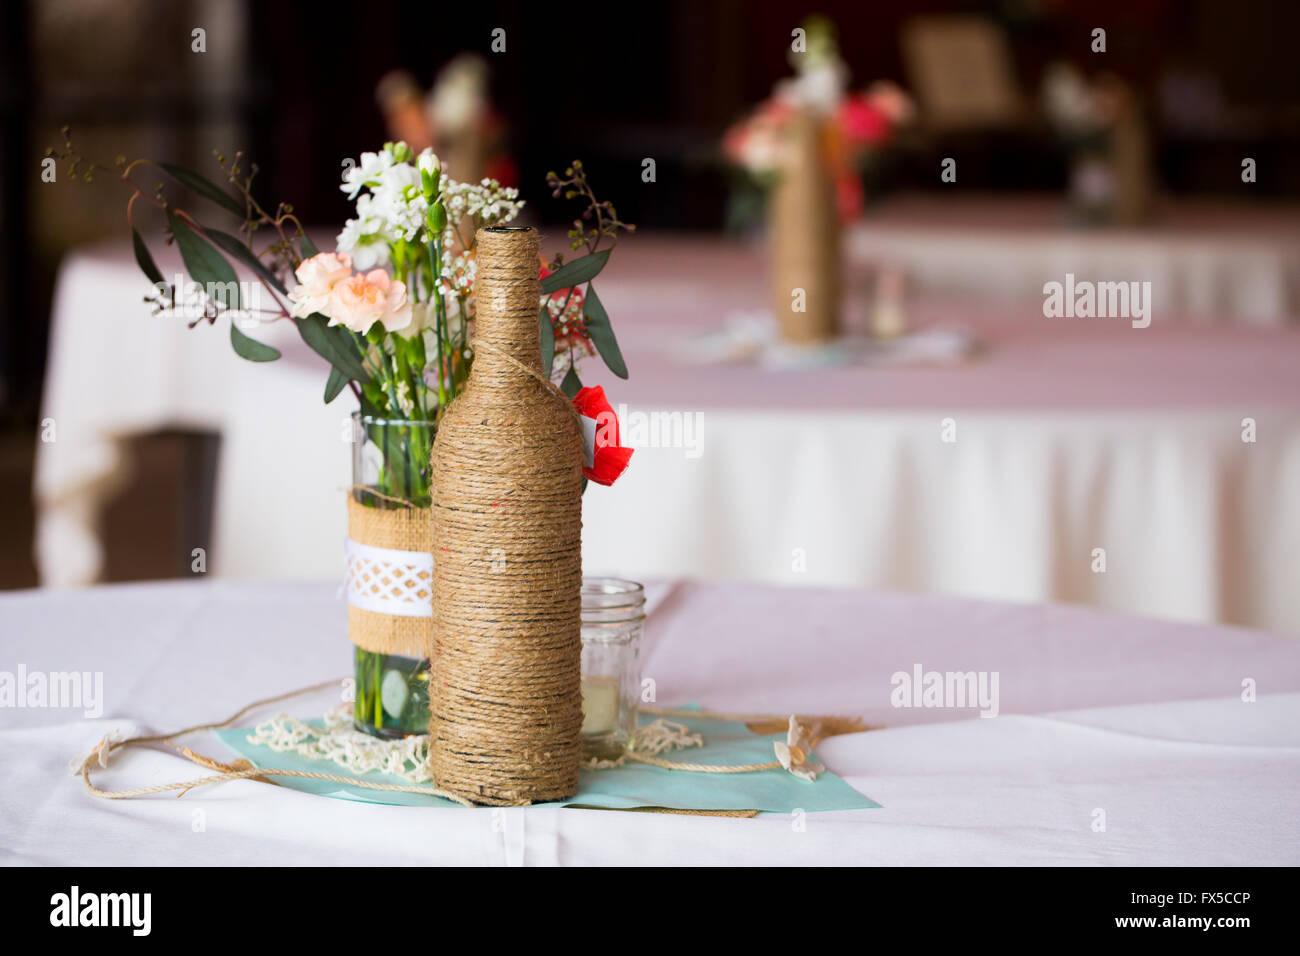 Diy Hochzeit Dekoration Tischdekoration Mit Weinflaschen In